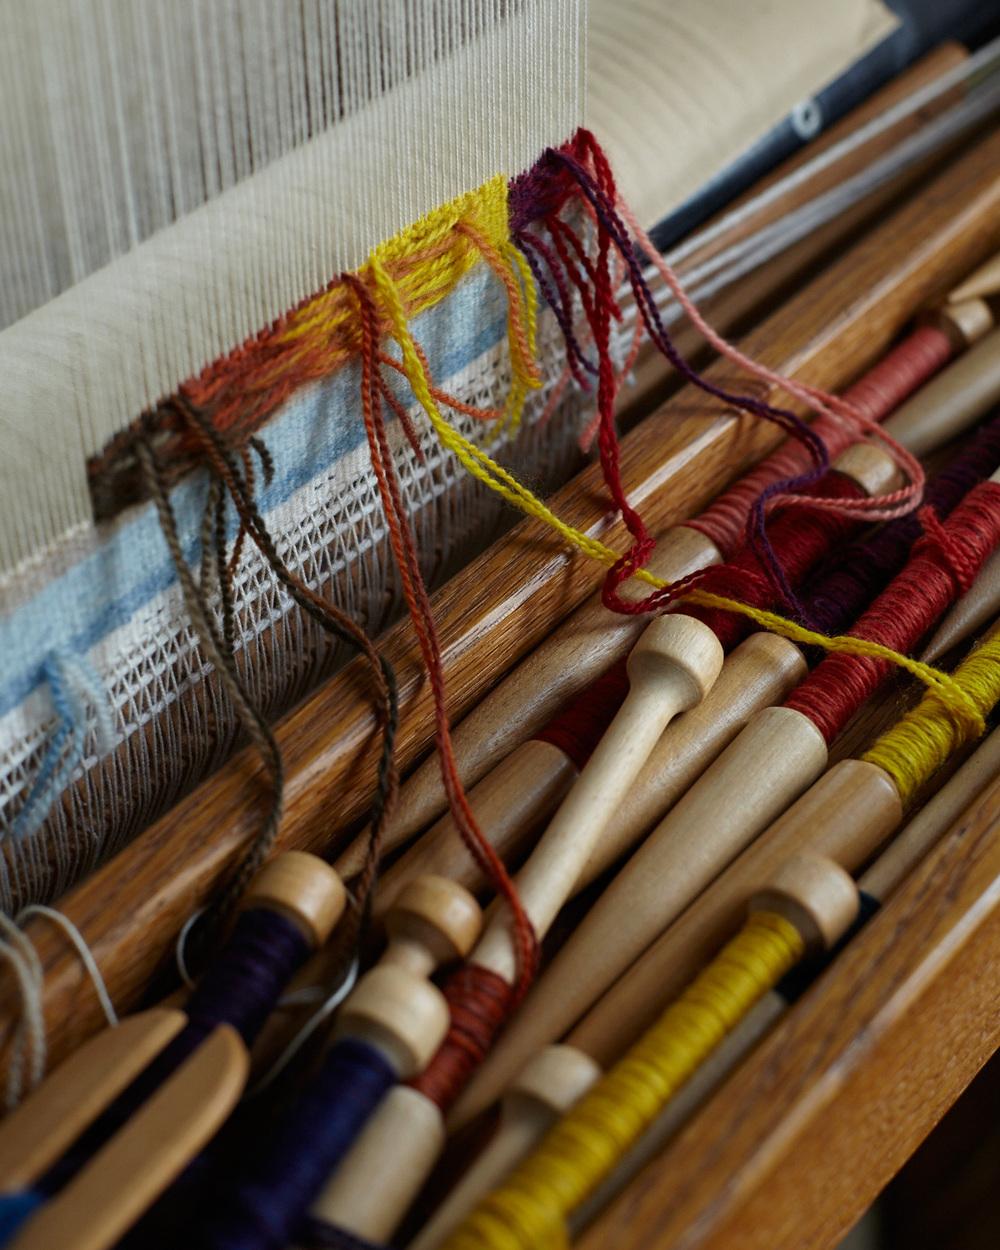 Greg-King-Weaving-Photo-by-Daniel-Dent.jpg